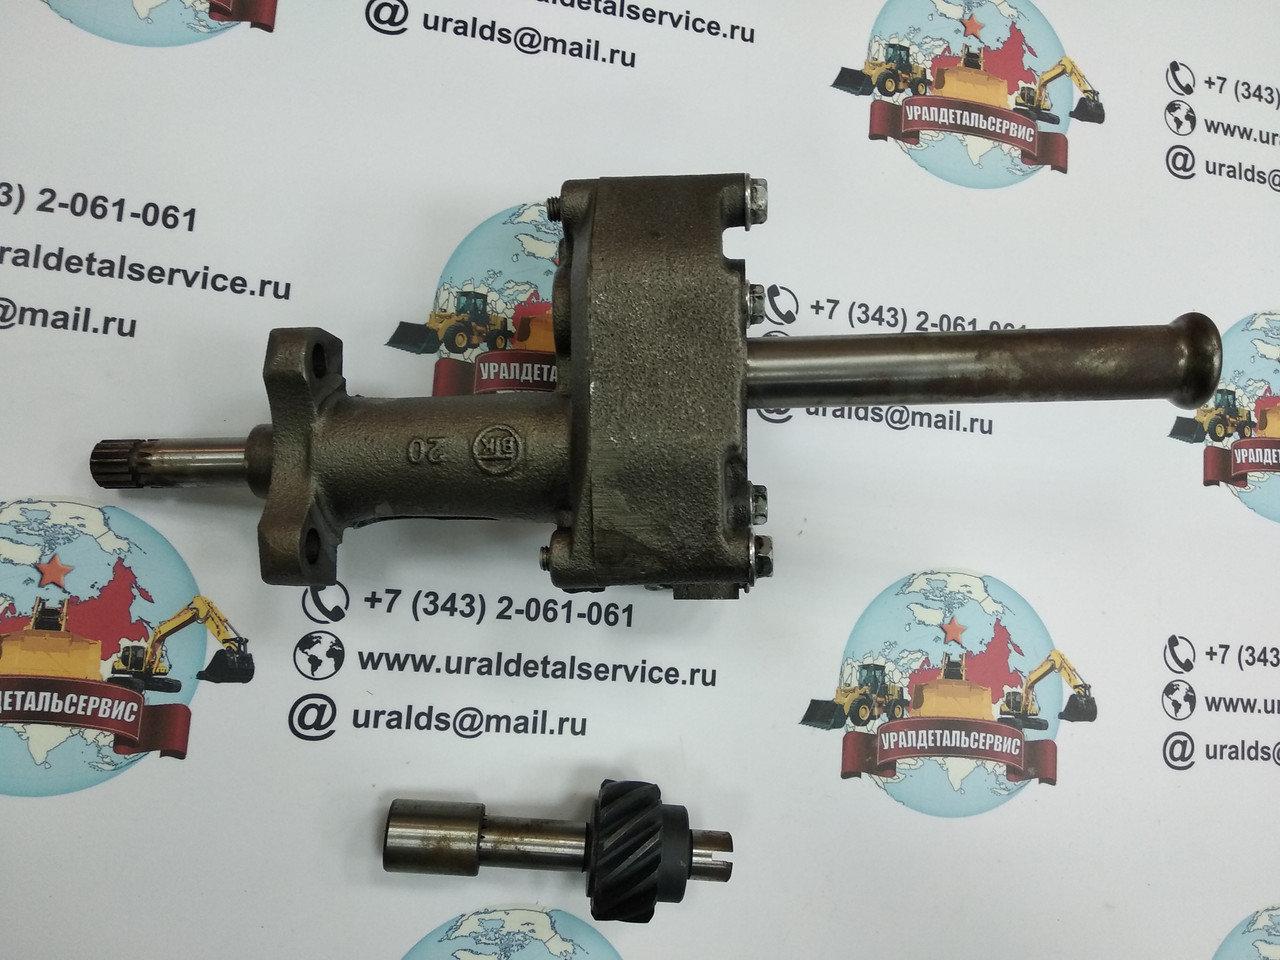 Nasos-maslyanyj-1131002770-6BG1-Hitachi-4